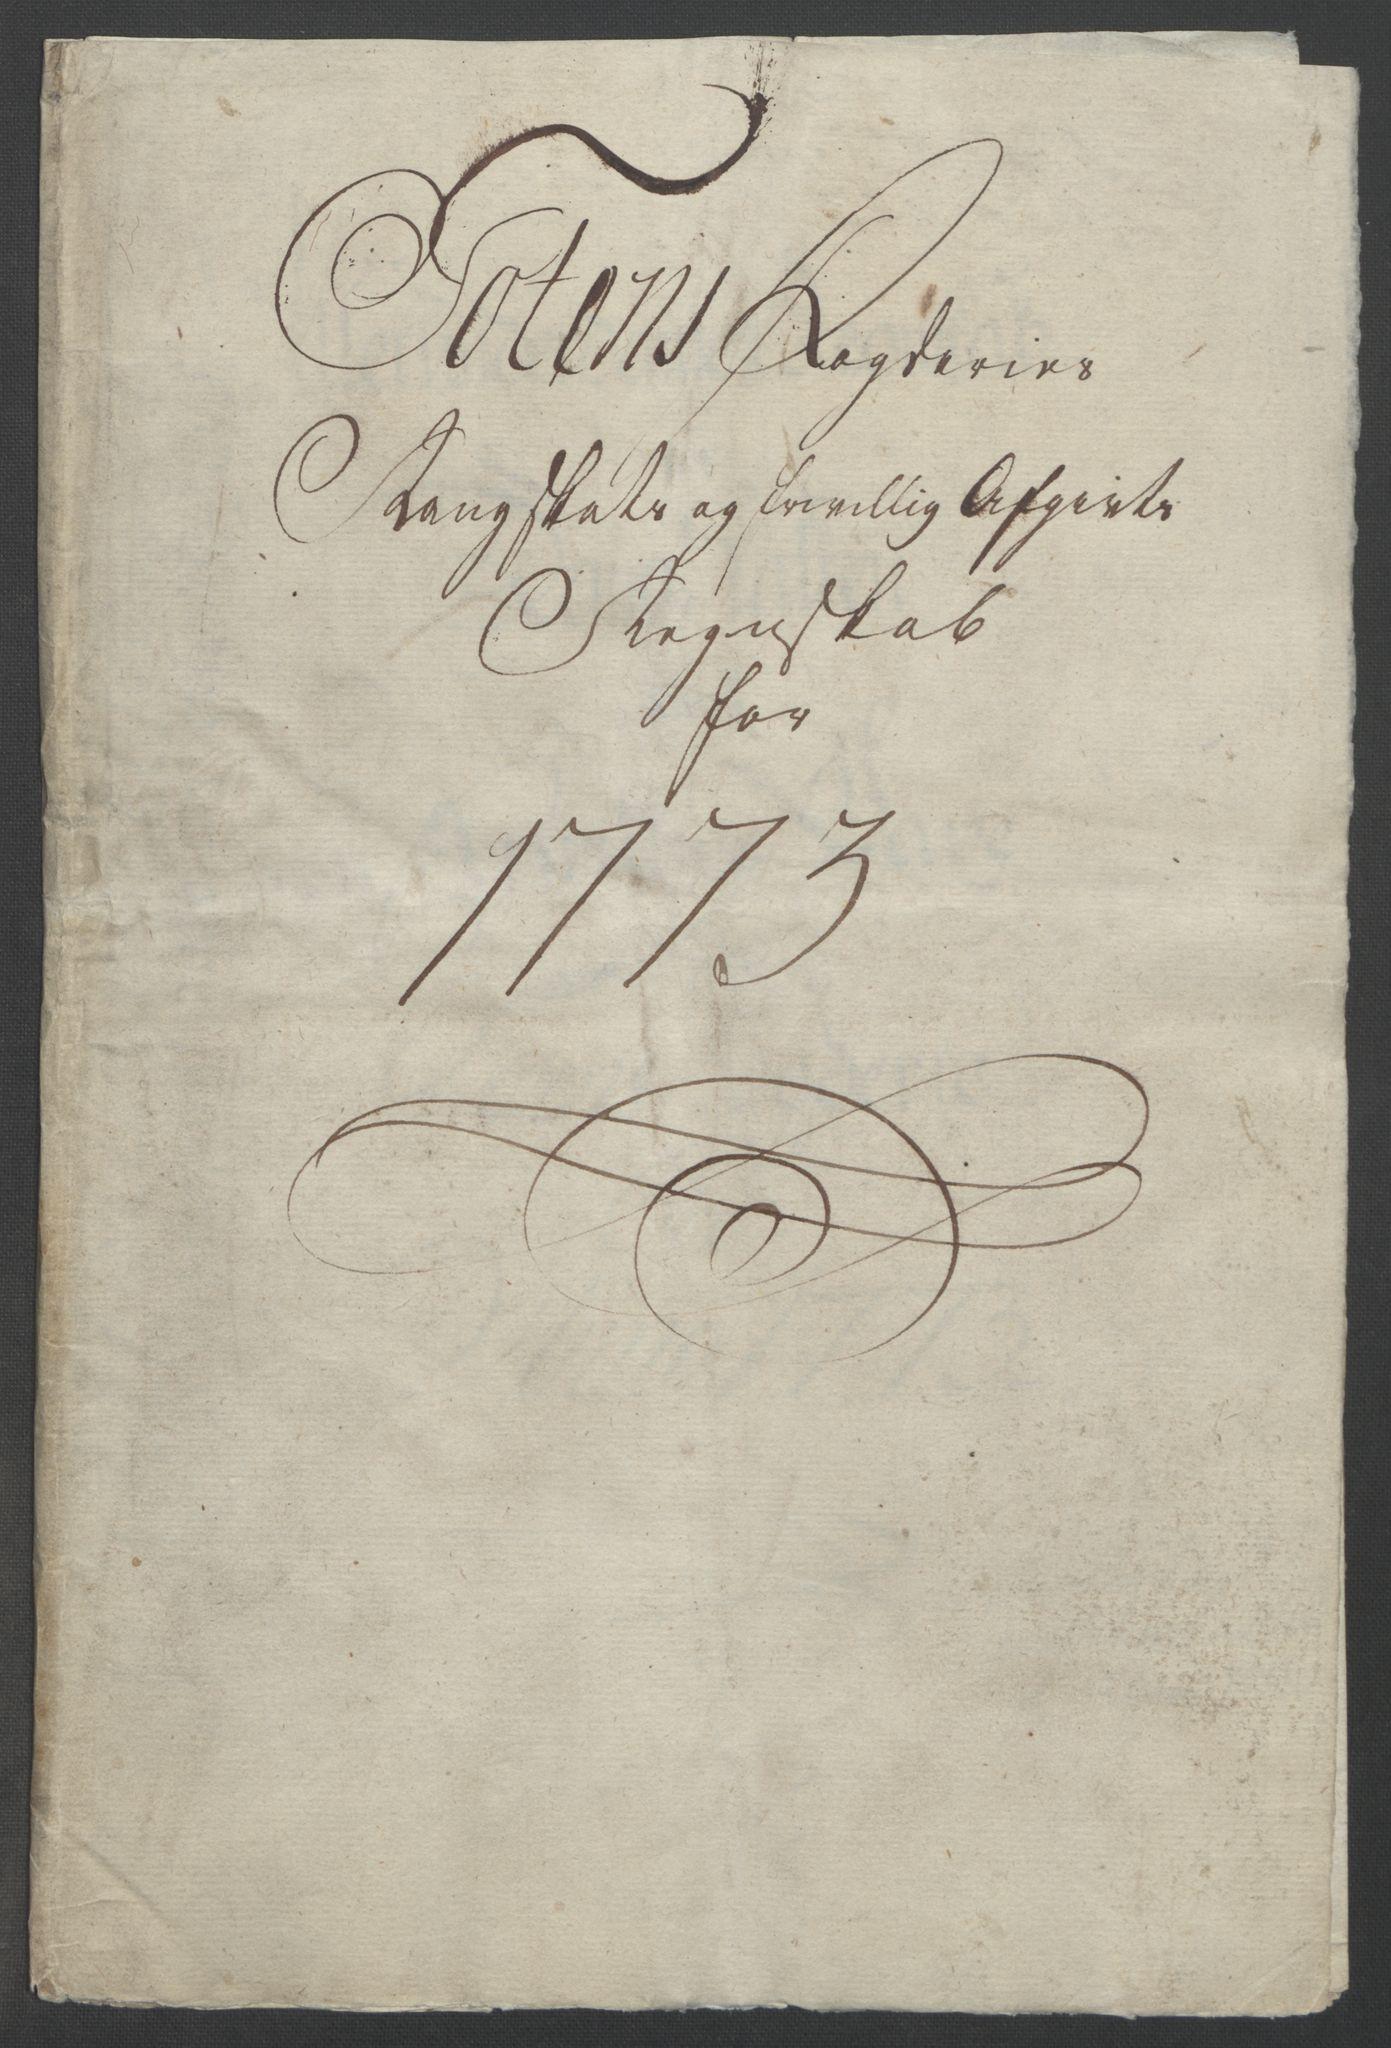 RA, Rentekammeret inntil 1814, Reviderte regnskaper, Fogderegnskap, R19/L1399: Fogderegnskap Toten, Hadeland og Vardal, 1762-1783, s. 292